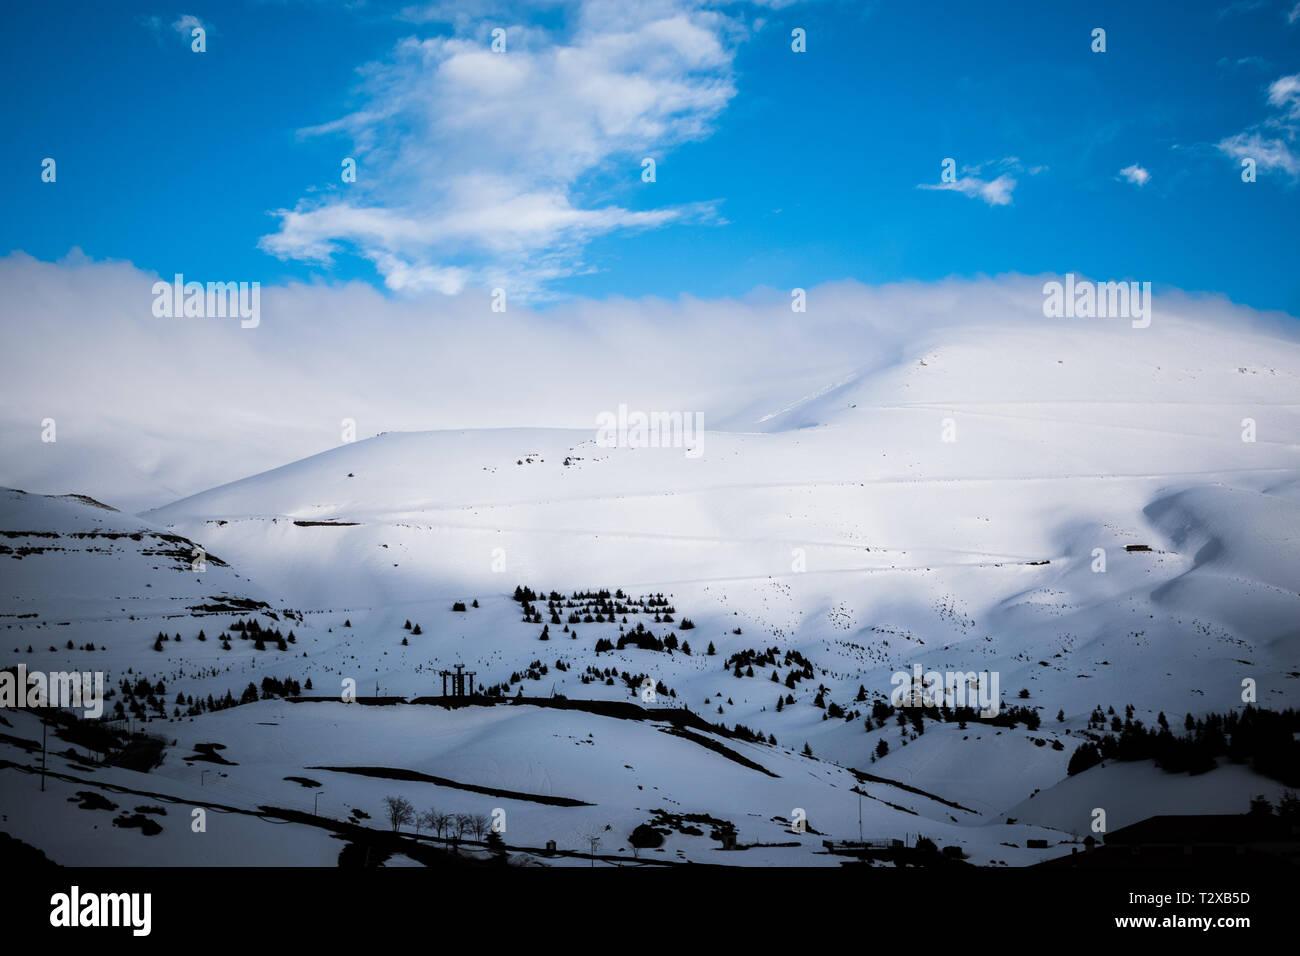 Esta es una captura de un paisaje durante el invierno en el norte del Líbano y se puede ver la nieve cubre las montañas enormes Foto de stock